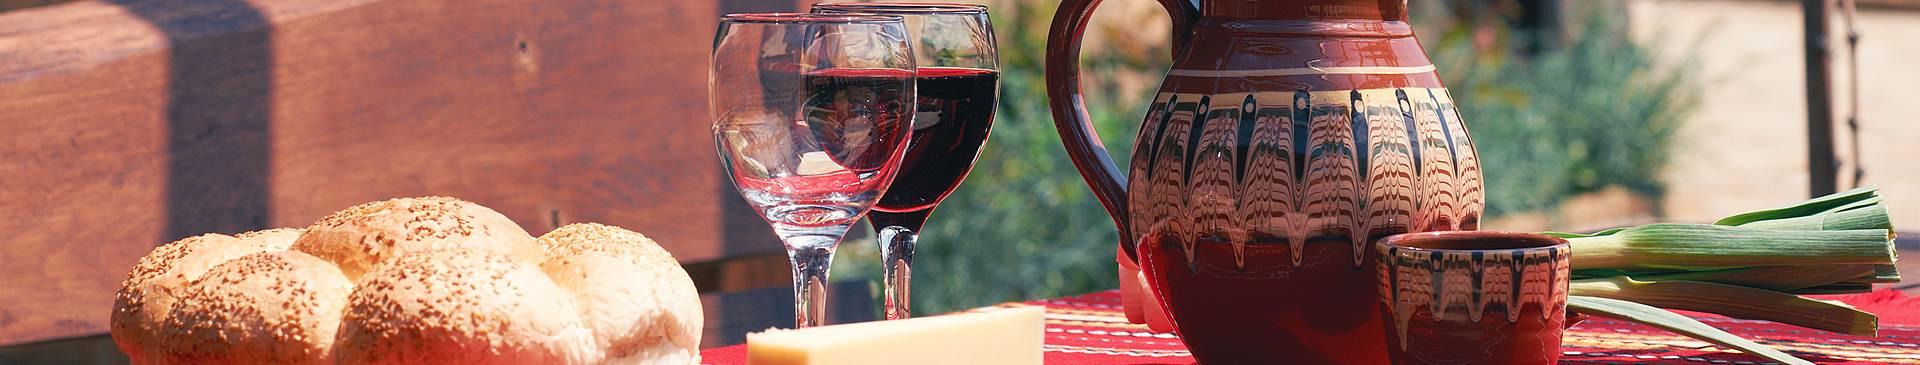 Rutas gastronómicas y enológicas por Bulgaria